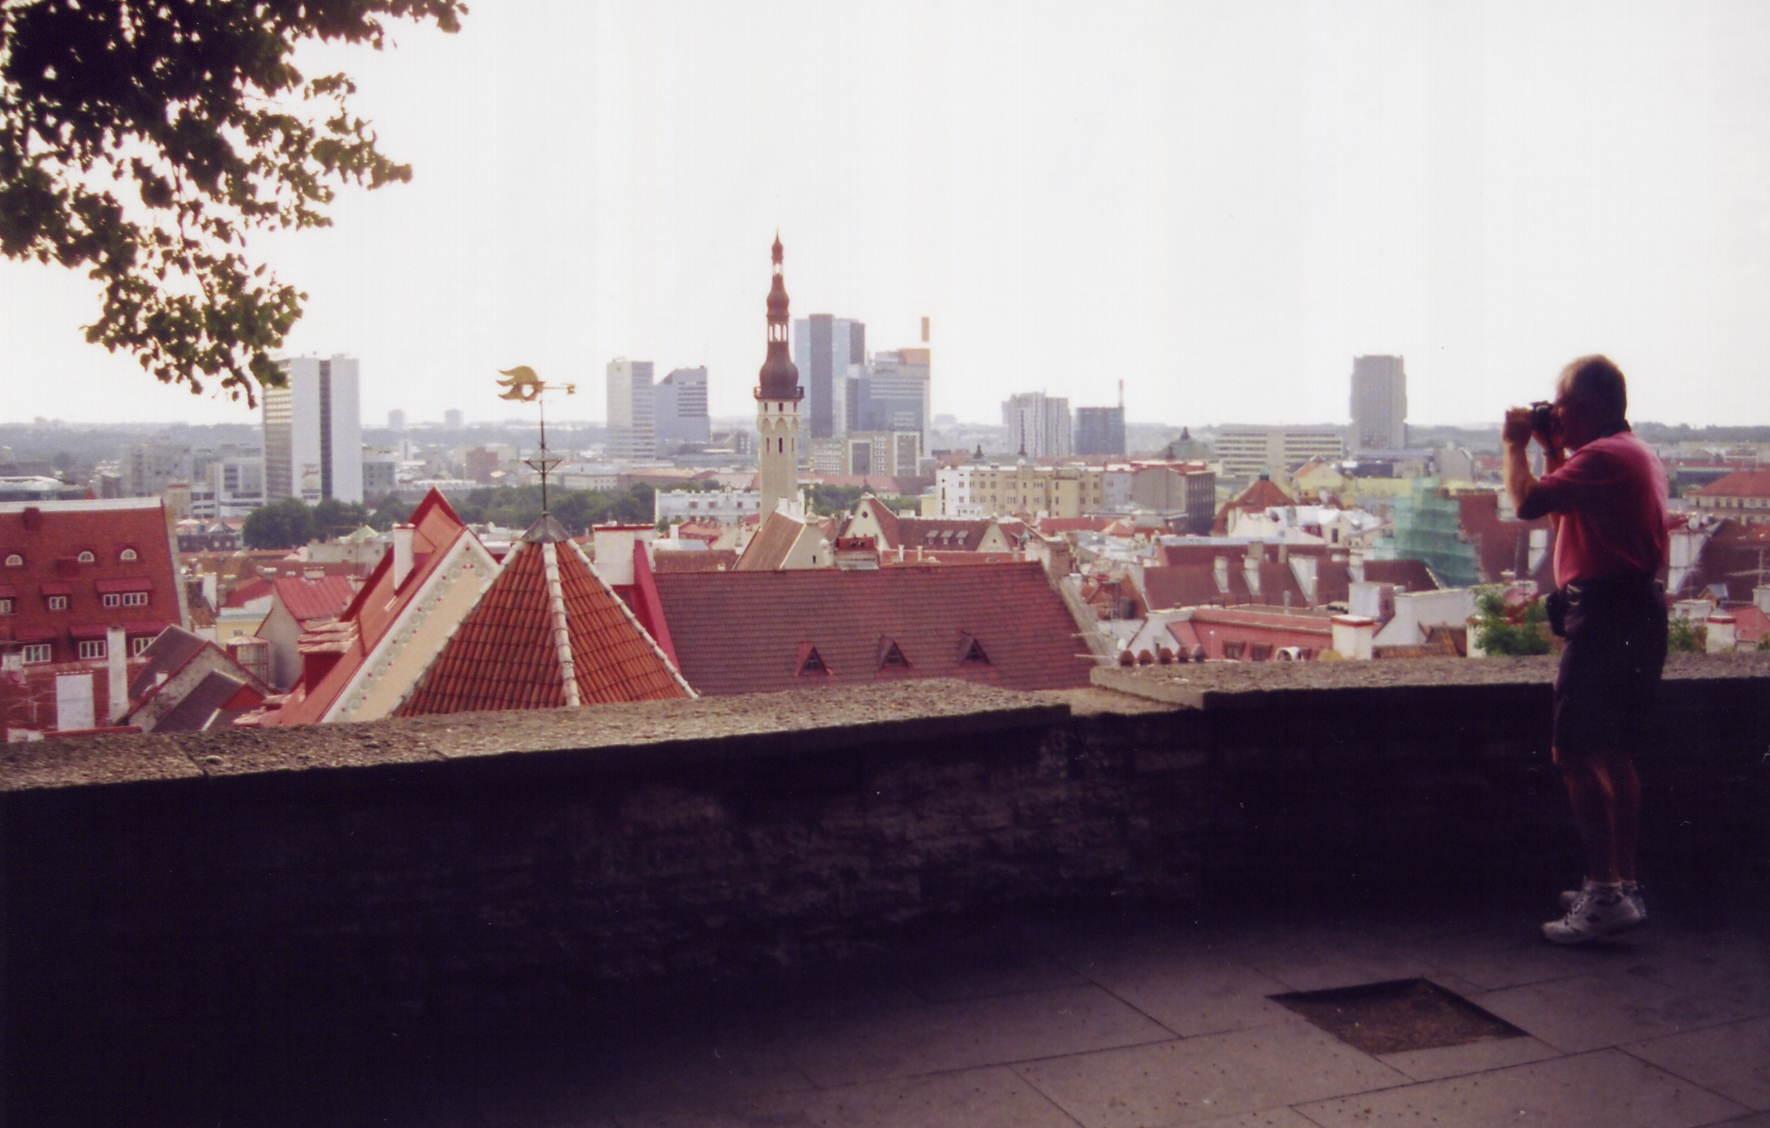 Tallinna väkiluku panoseuraa helsinki